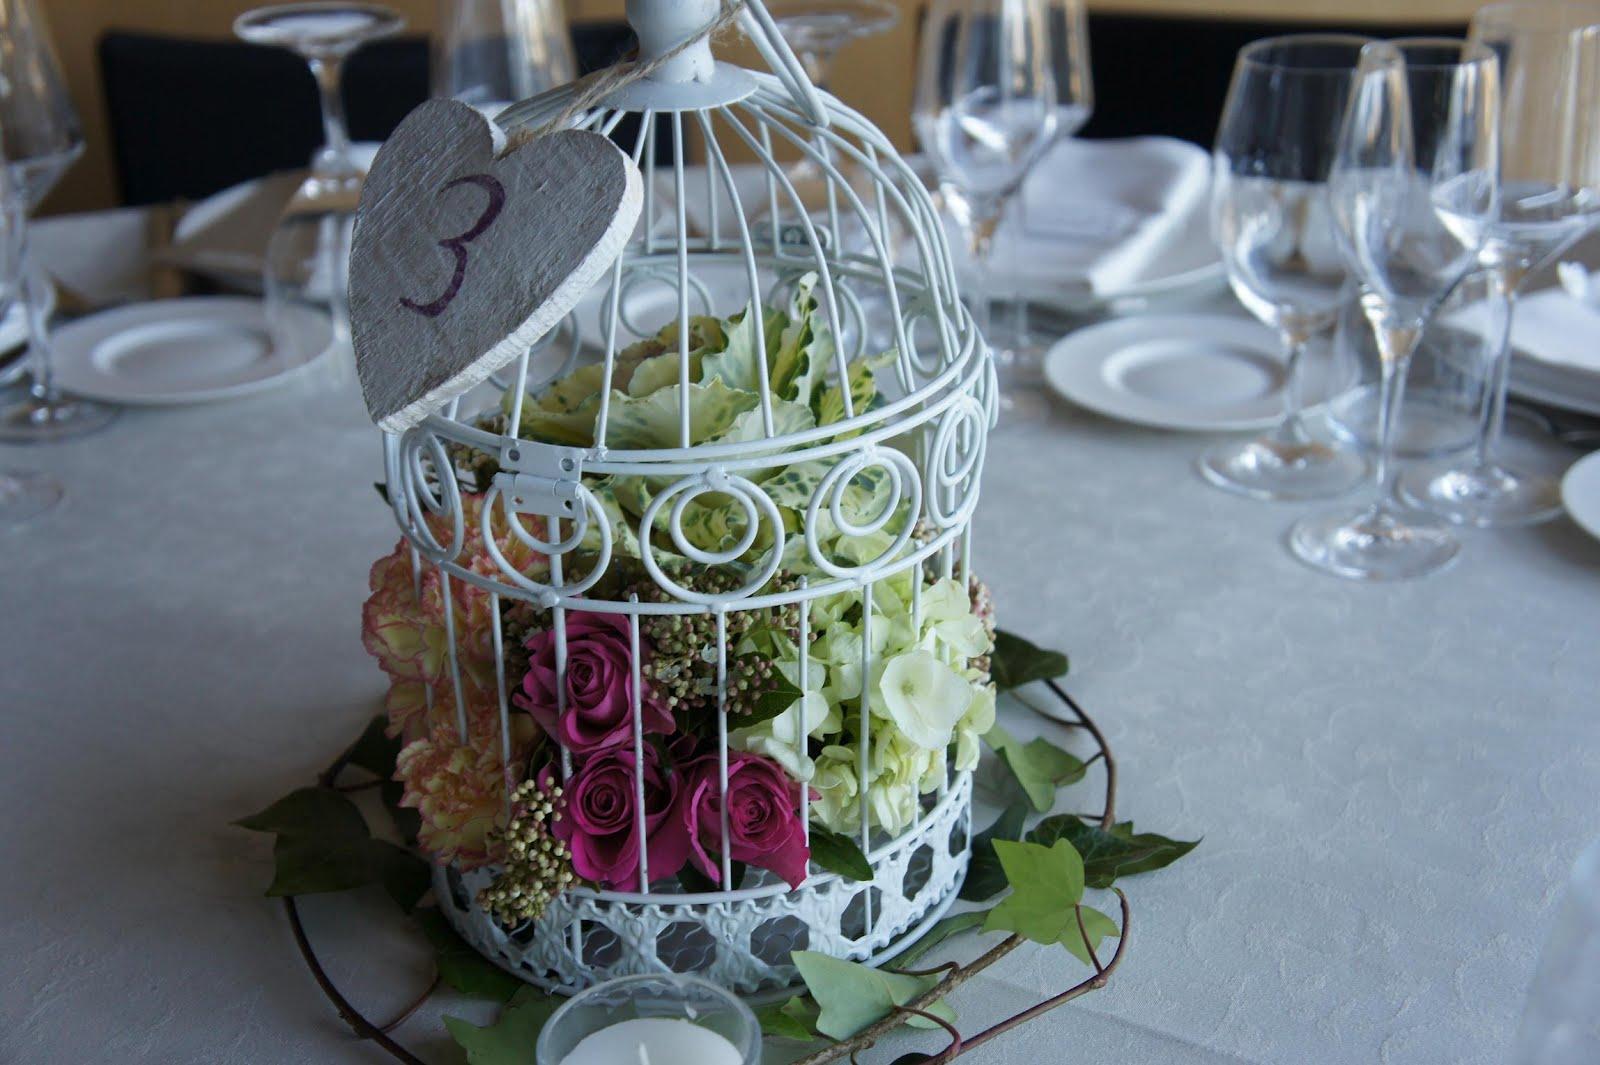 Centros de mesa originales para decorar el sal n de celebraciones - Precios de centros de mesa para boda ...